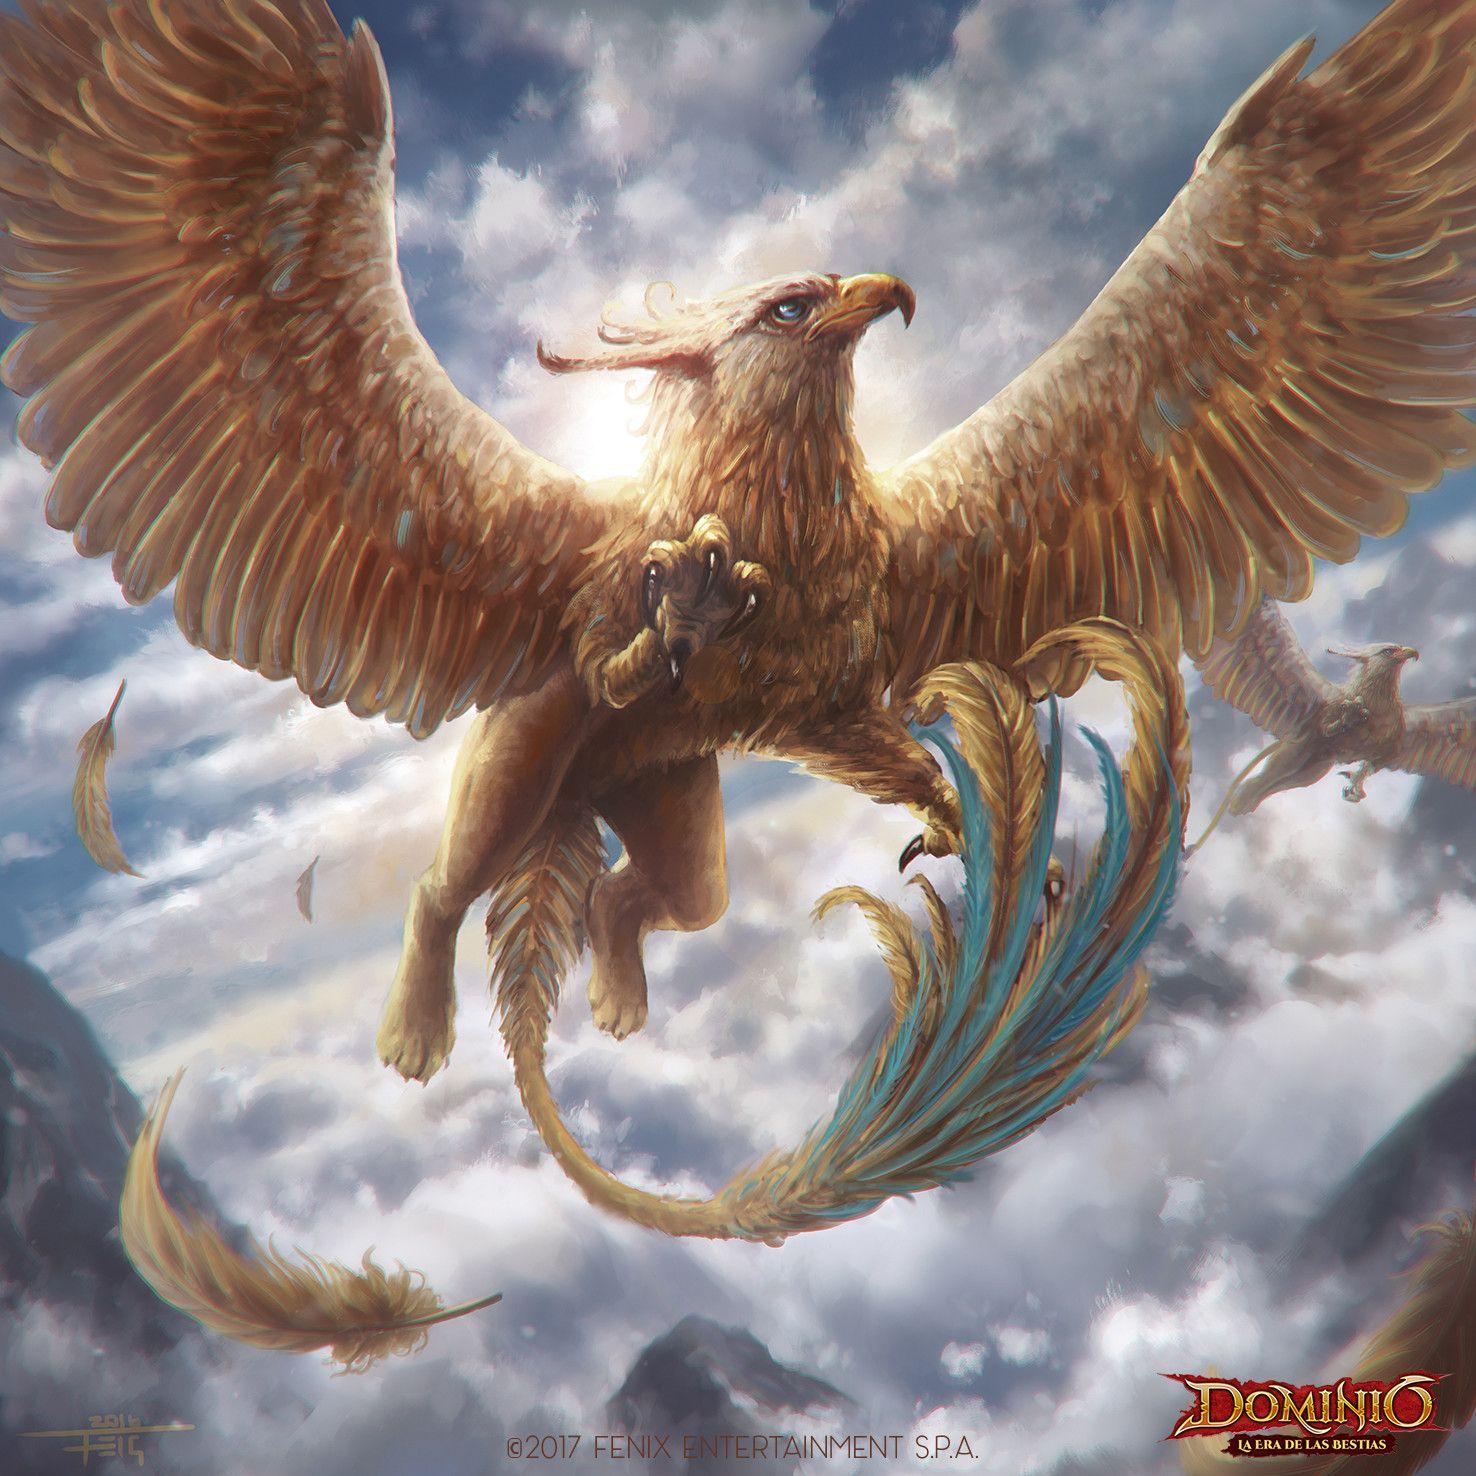 Golden Gryphon Feig Felipe Perez On Artstation At Https Www Artstation Com Artwork 8dbg Mythical Creatures Fantasy Mythical Creatures Art Mythical Creatures